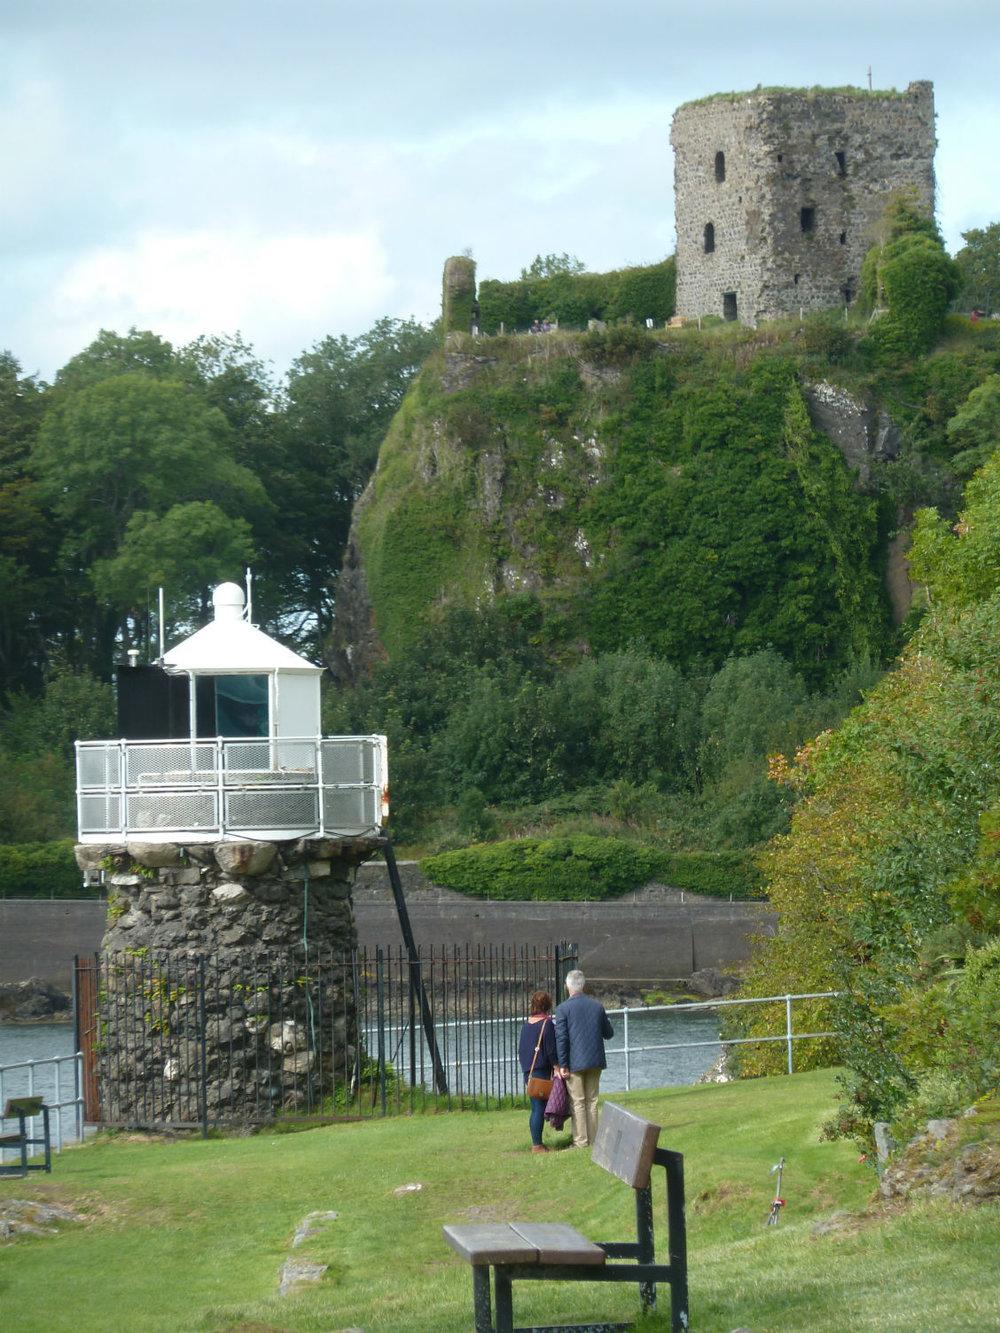 oban-dunolie-castle-lighthouse-8-1.jpg